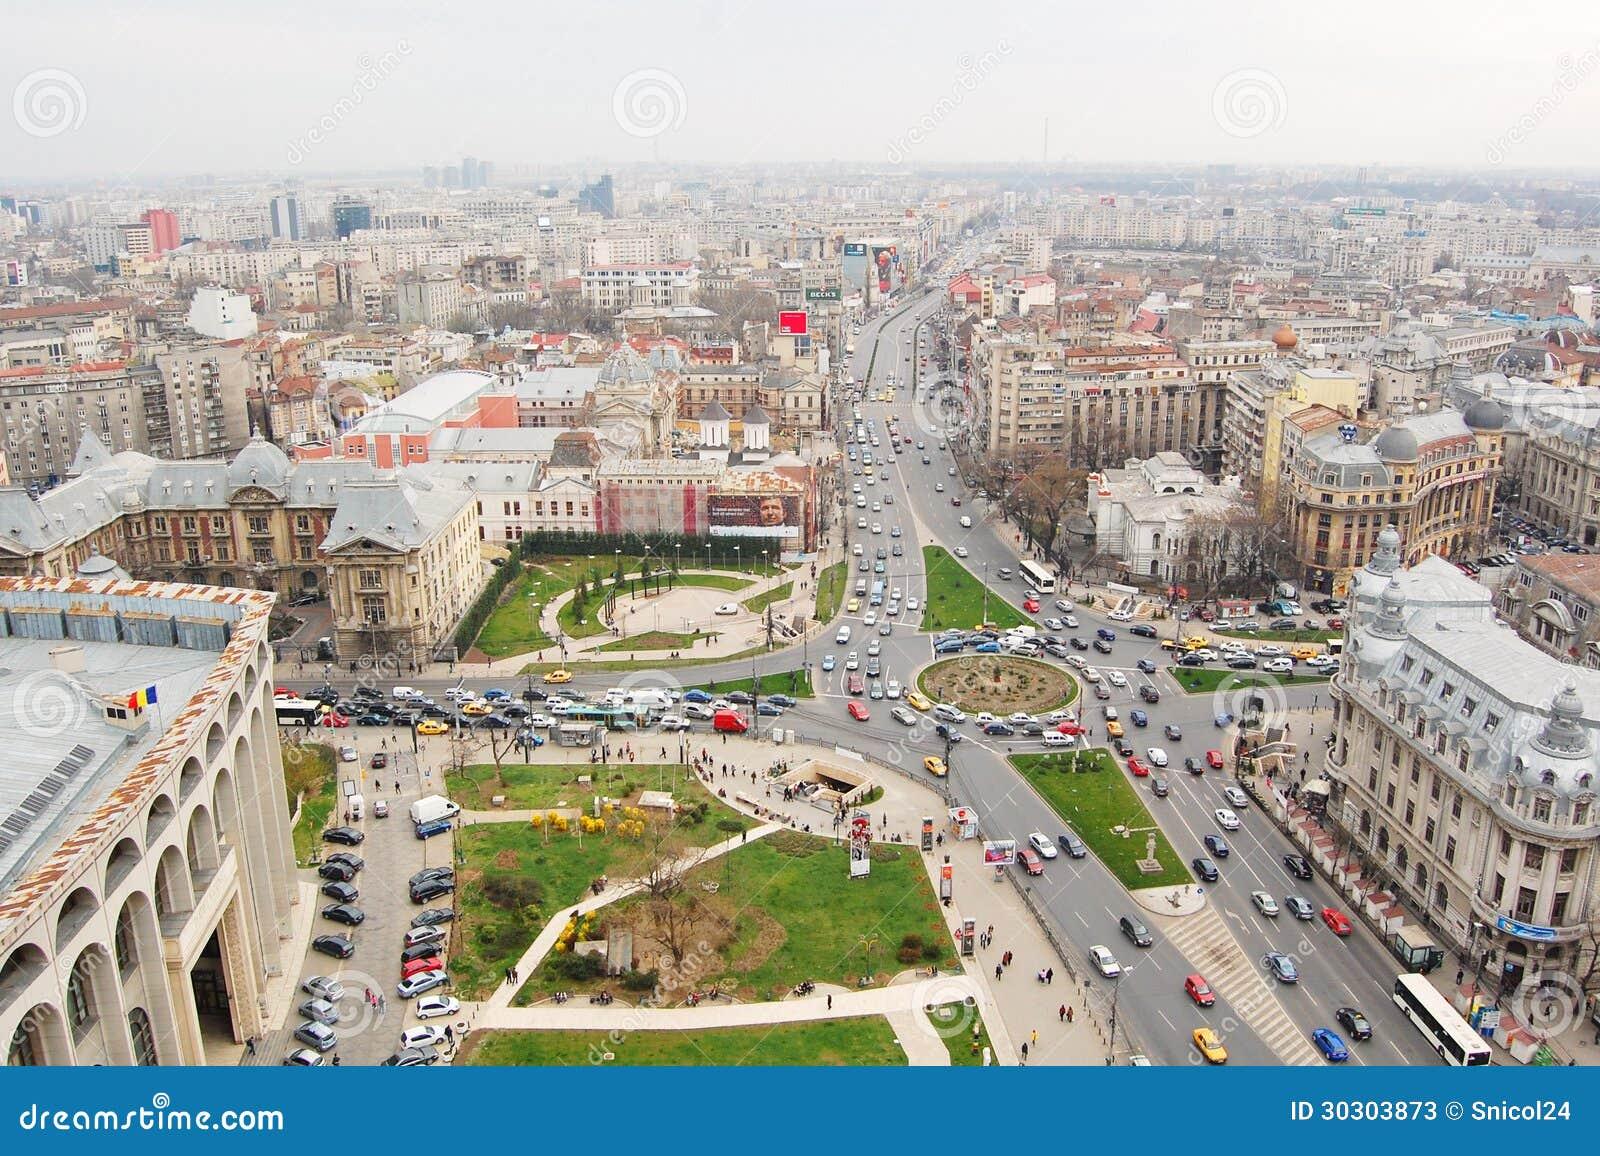 Hotel In Bucharest Center